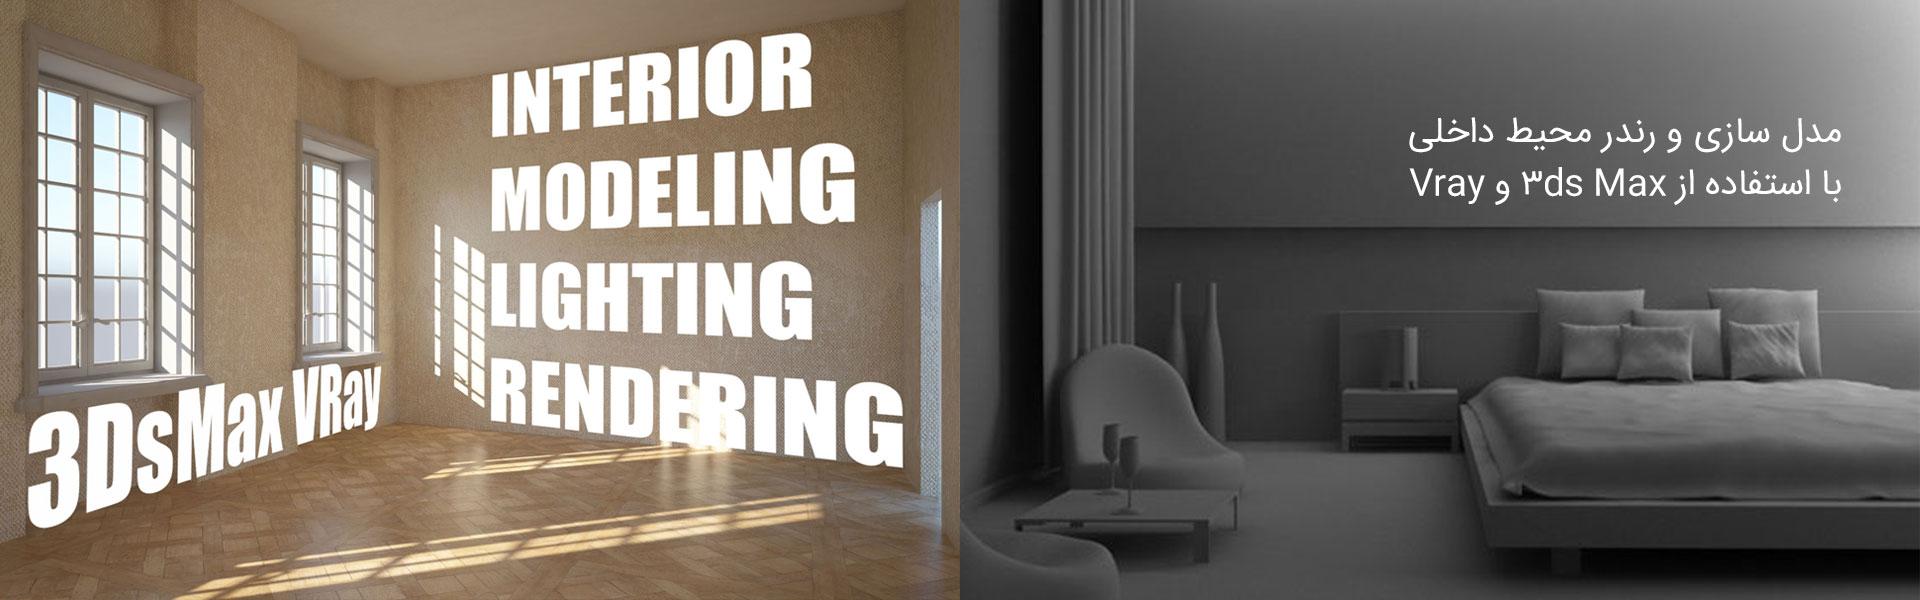 3dmax rendering modeling1 - مدل سازی و رندر محیط داخلی با استفاده از 3ds Max و Vray